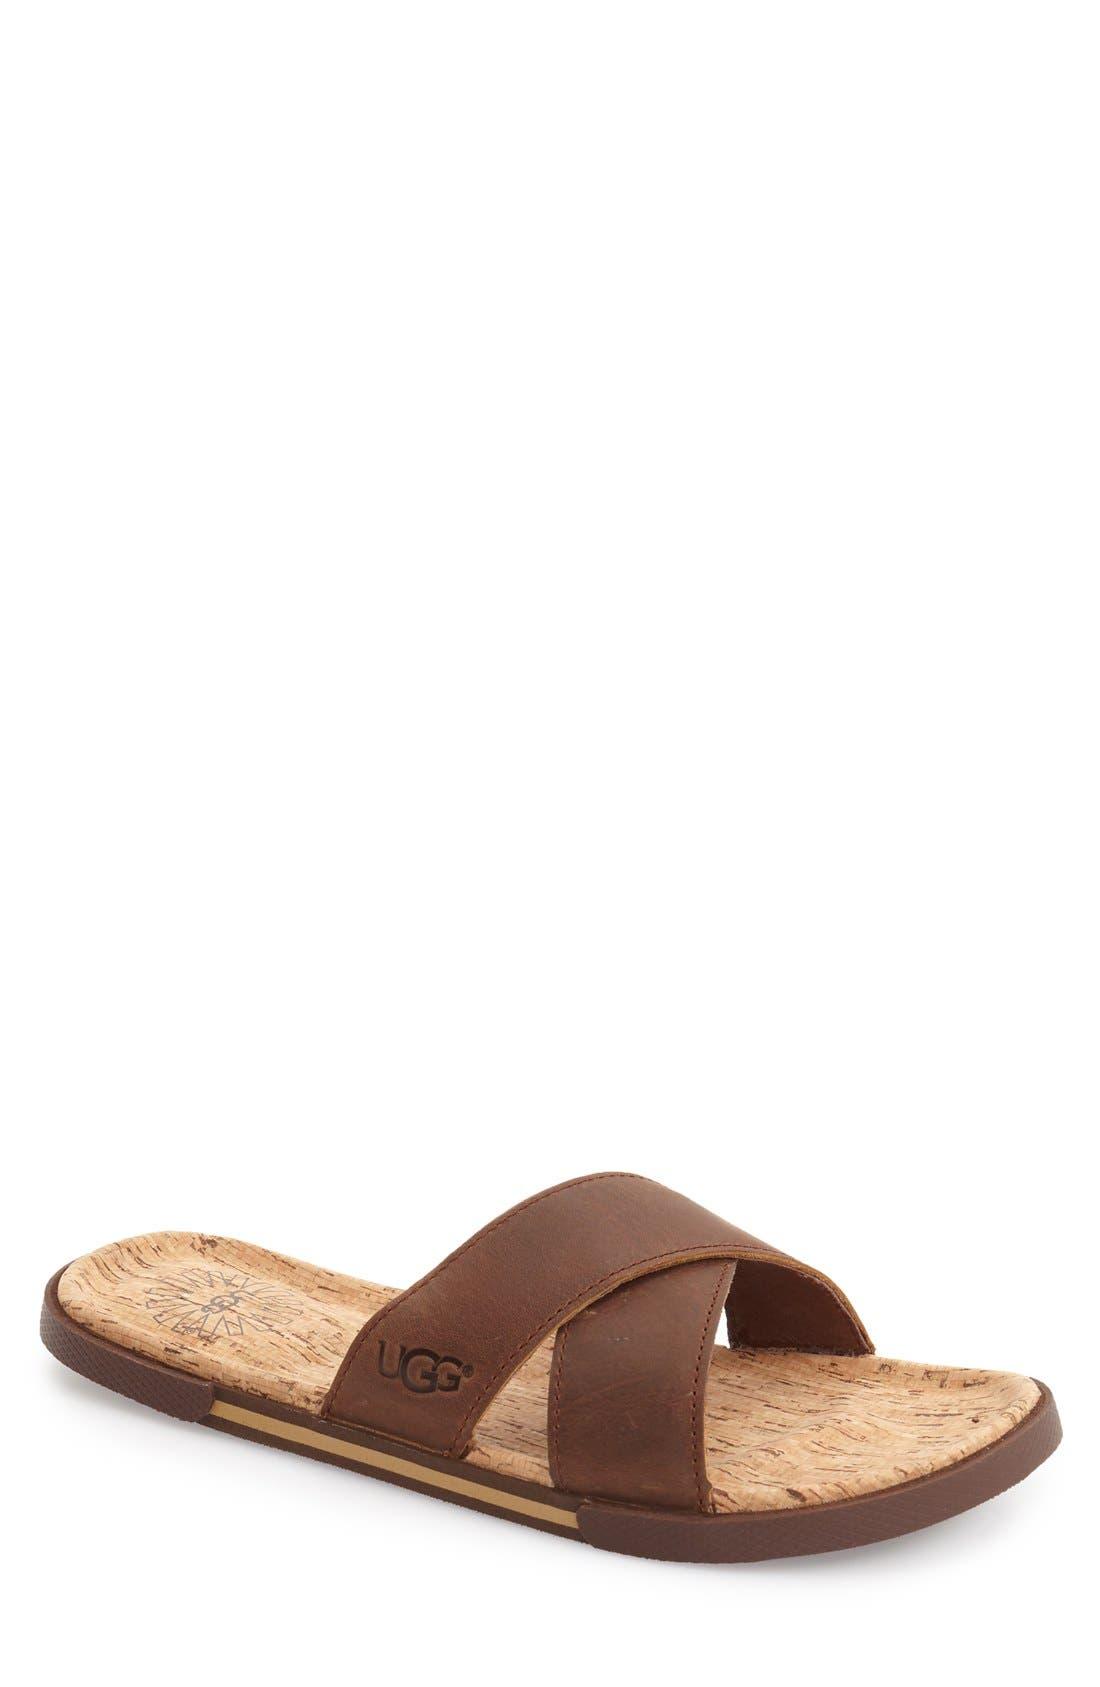 Main Image - UGG® 'Ithan' Slide Sandal (Men's)